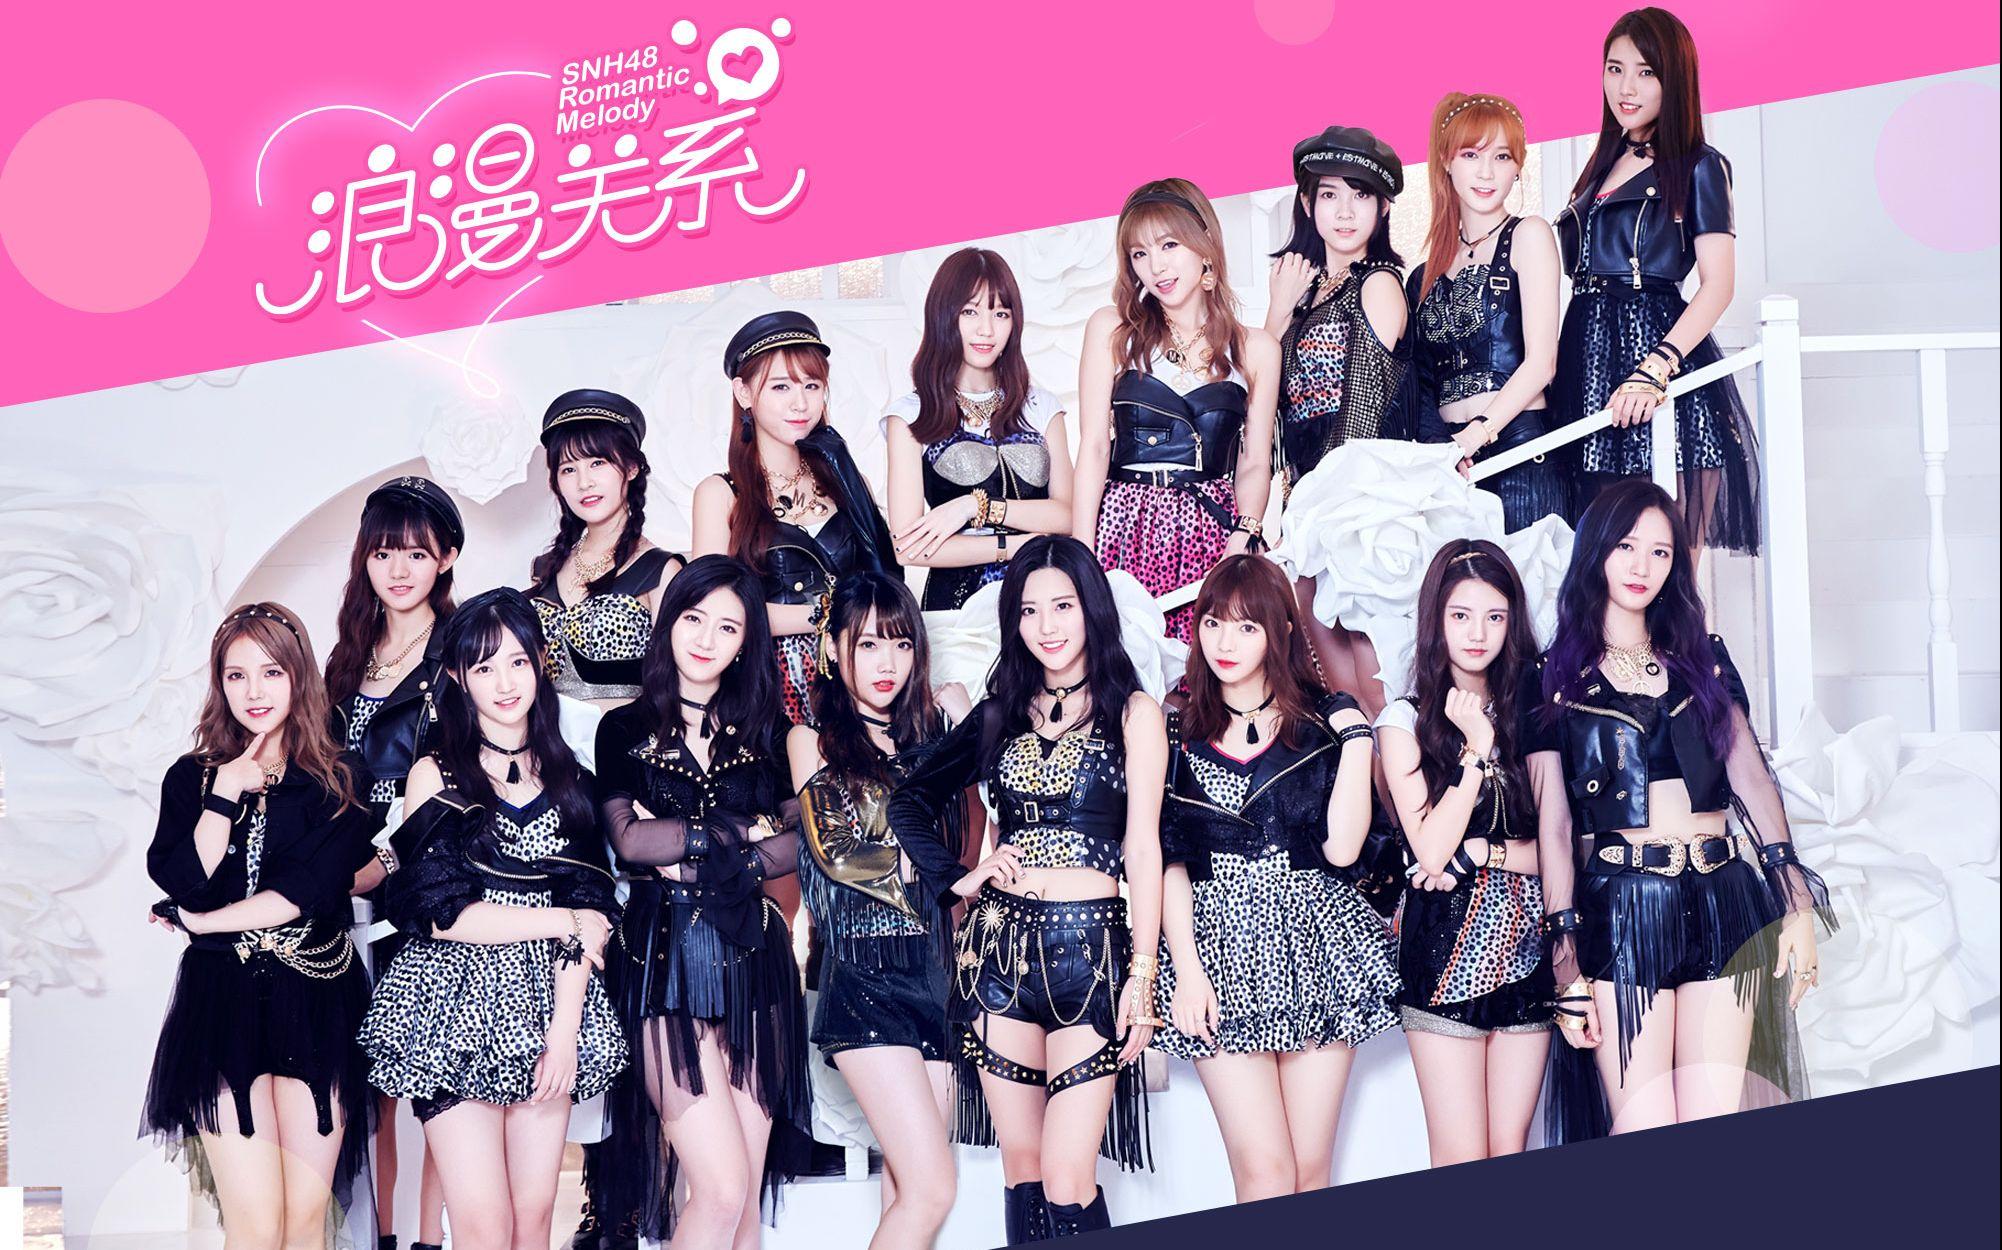 SNH48_SNH48《浪漫关系》官方版MV_哔哩哔哩 (゜-゜)つロ 干杯~-bilibili